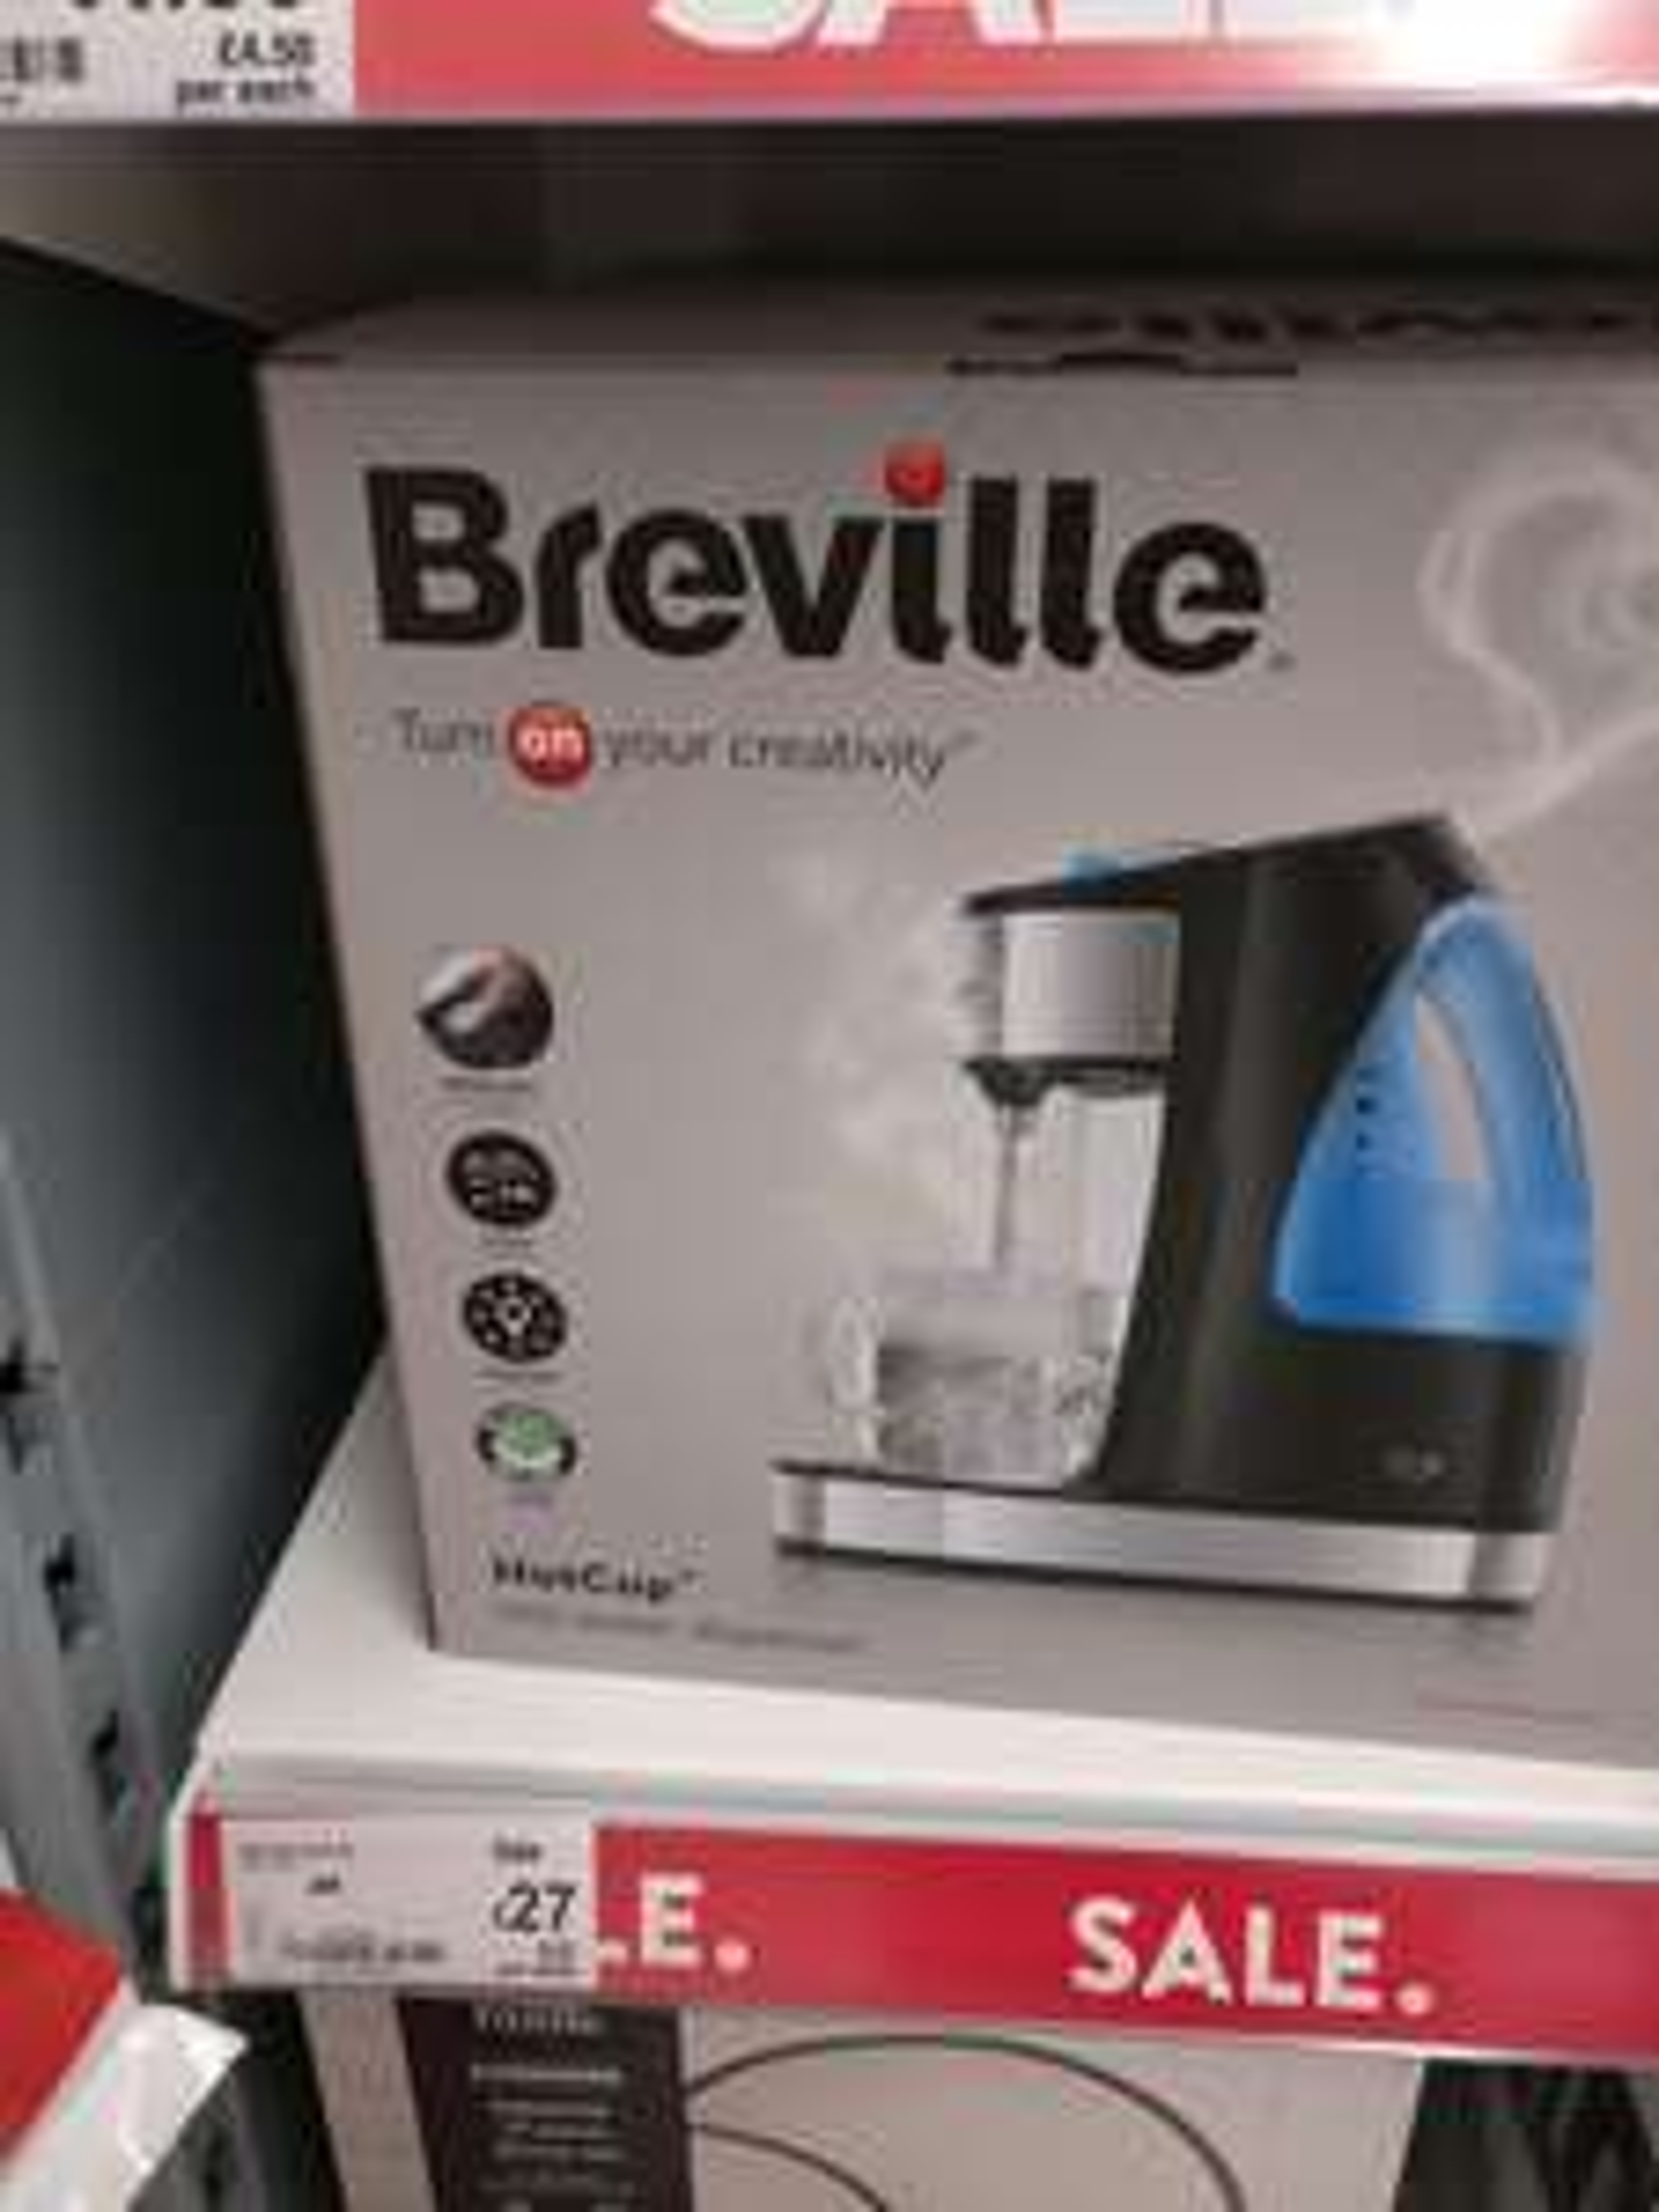 Breville VKJ142 1.5L HotCup Kettle £27 - Gloss Blackat Asda Marple (sold out online)